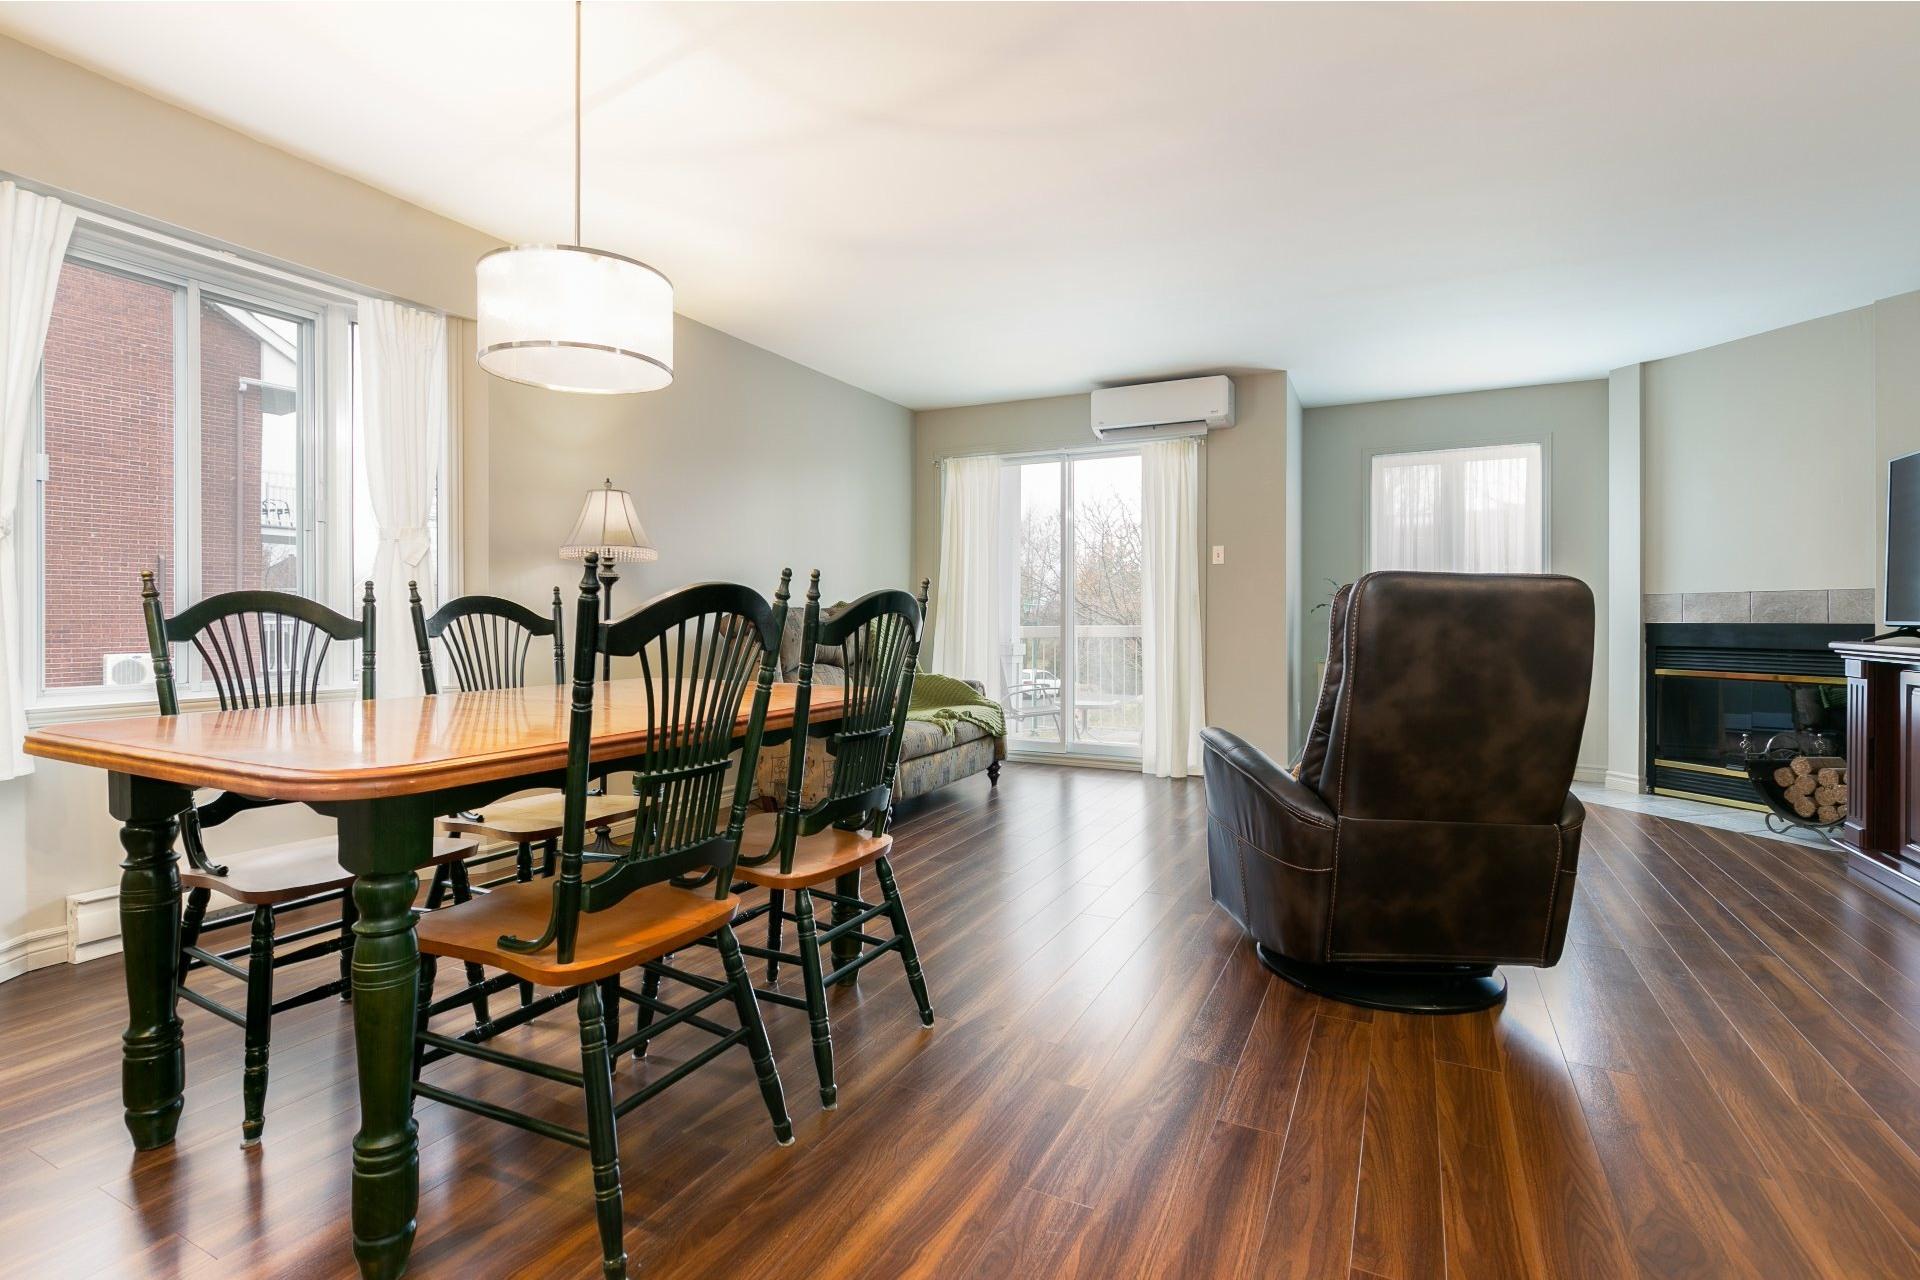 image 8 - Appartement À vendre Mont-Saint-Hilaire - 7 pièces